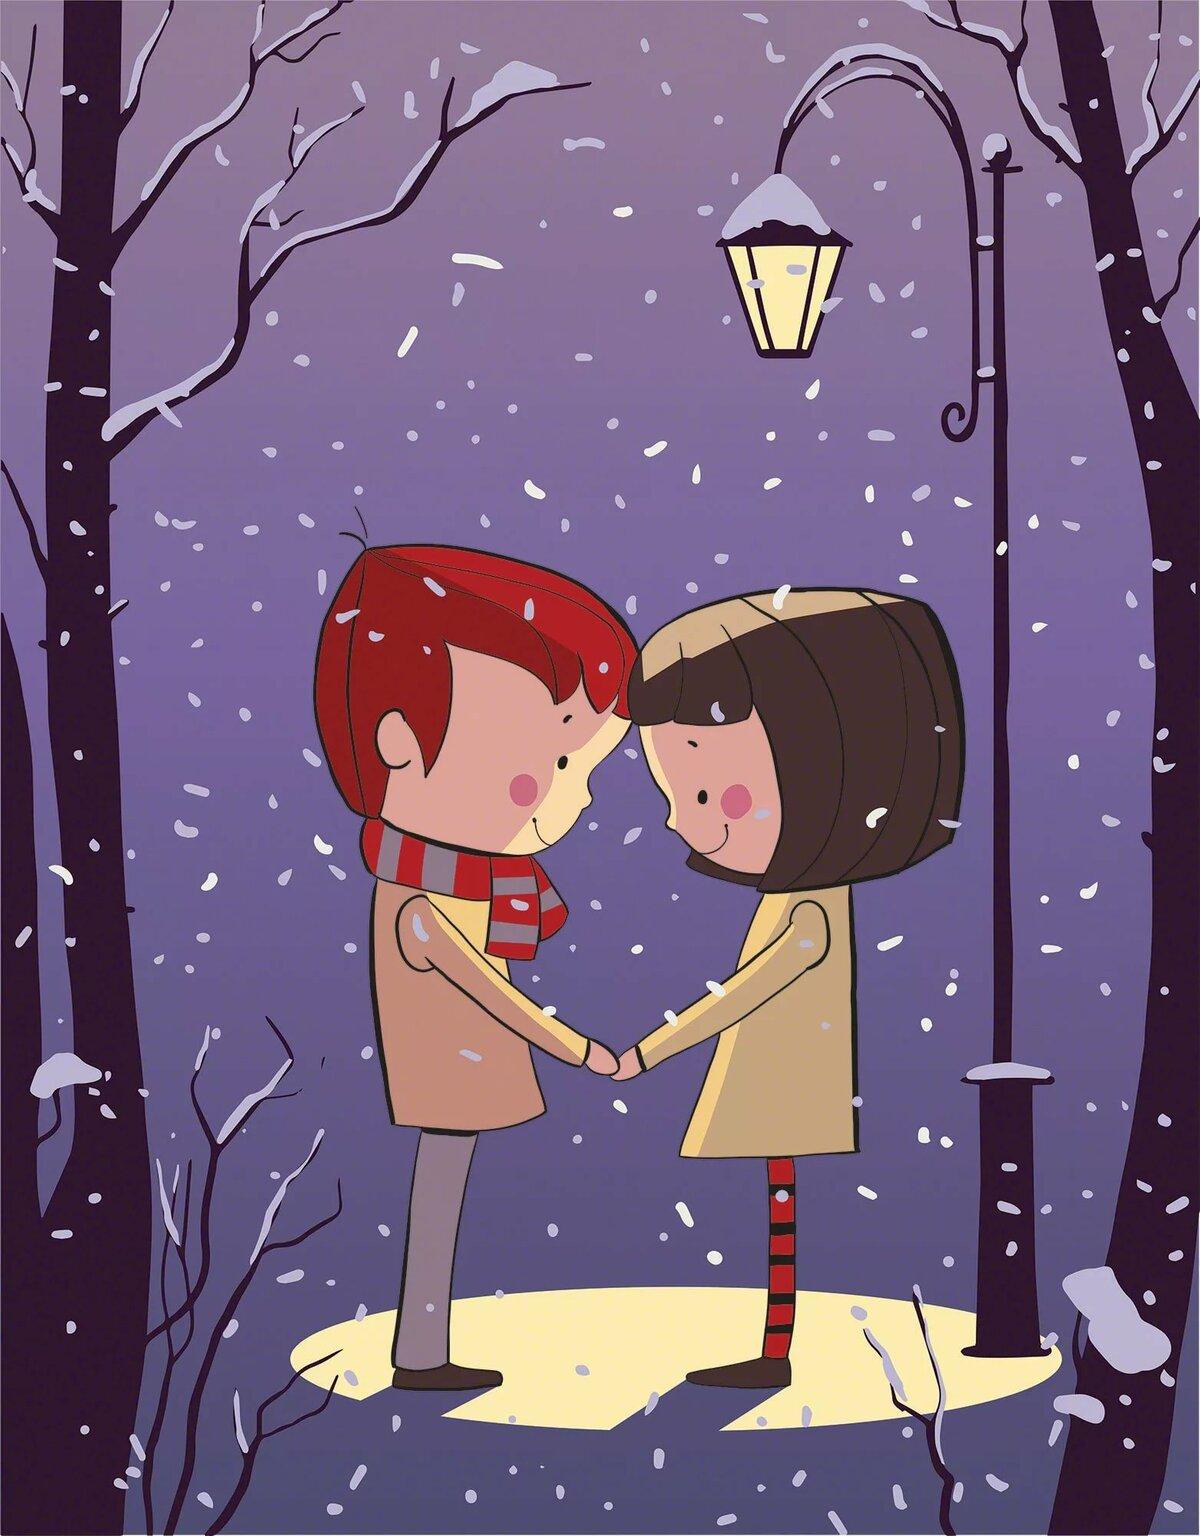 Картинки про влюбленных рисованные